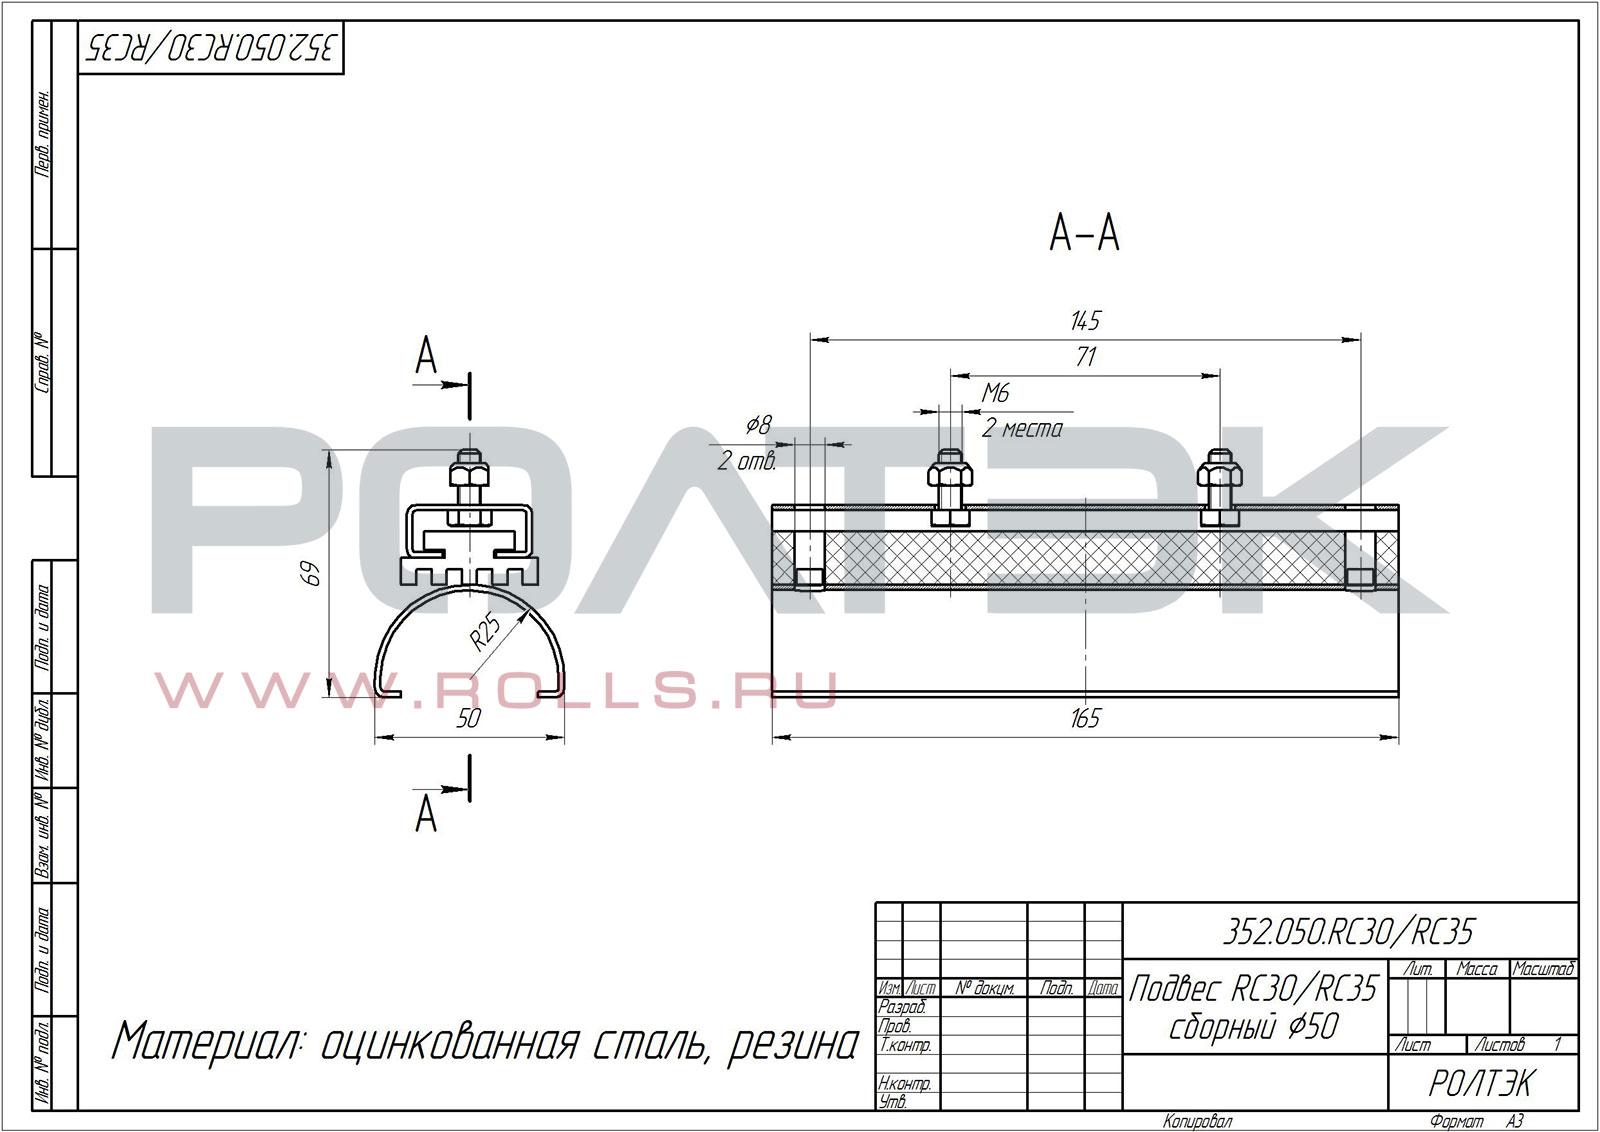 Подвес RC30/RC35 сборный